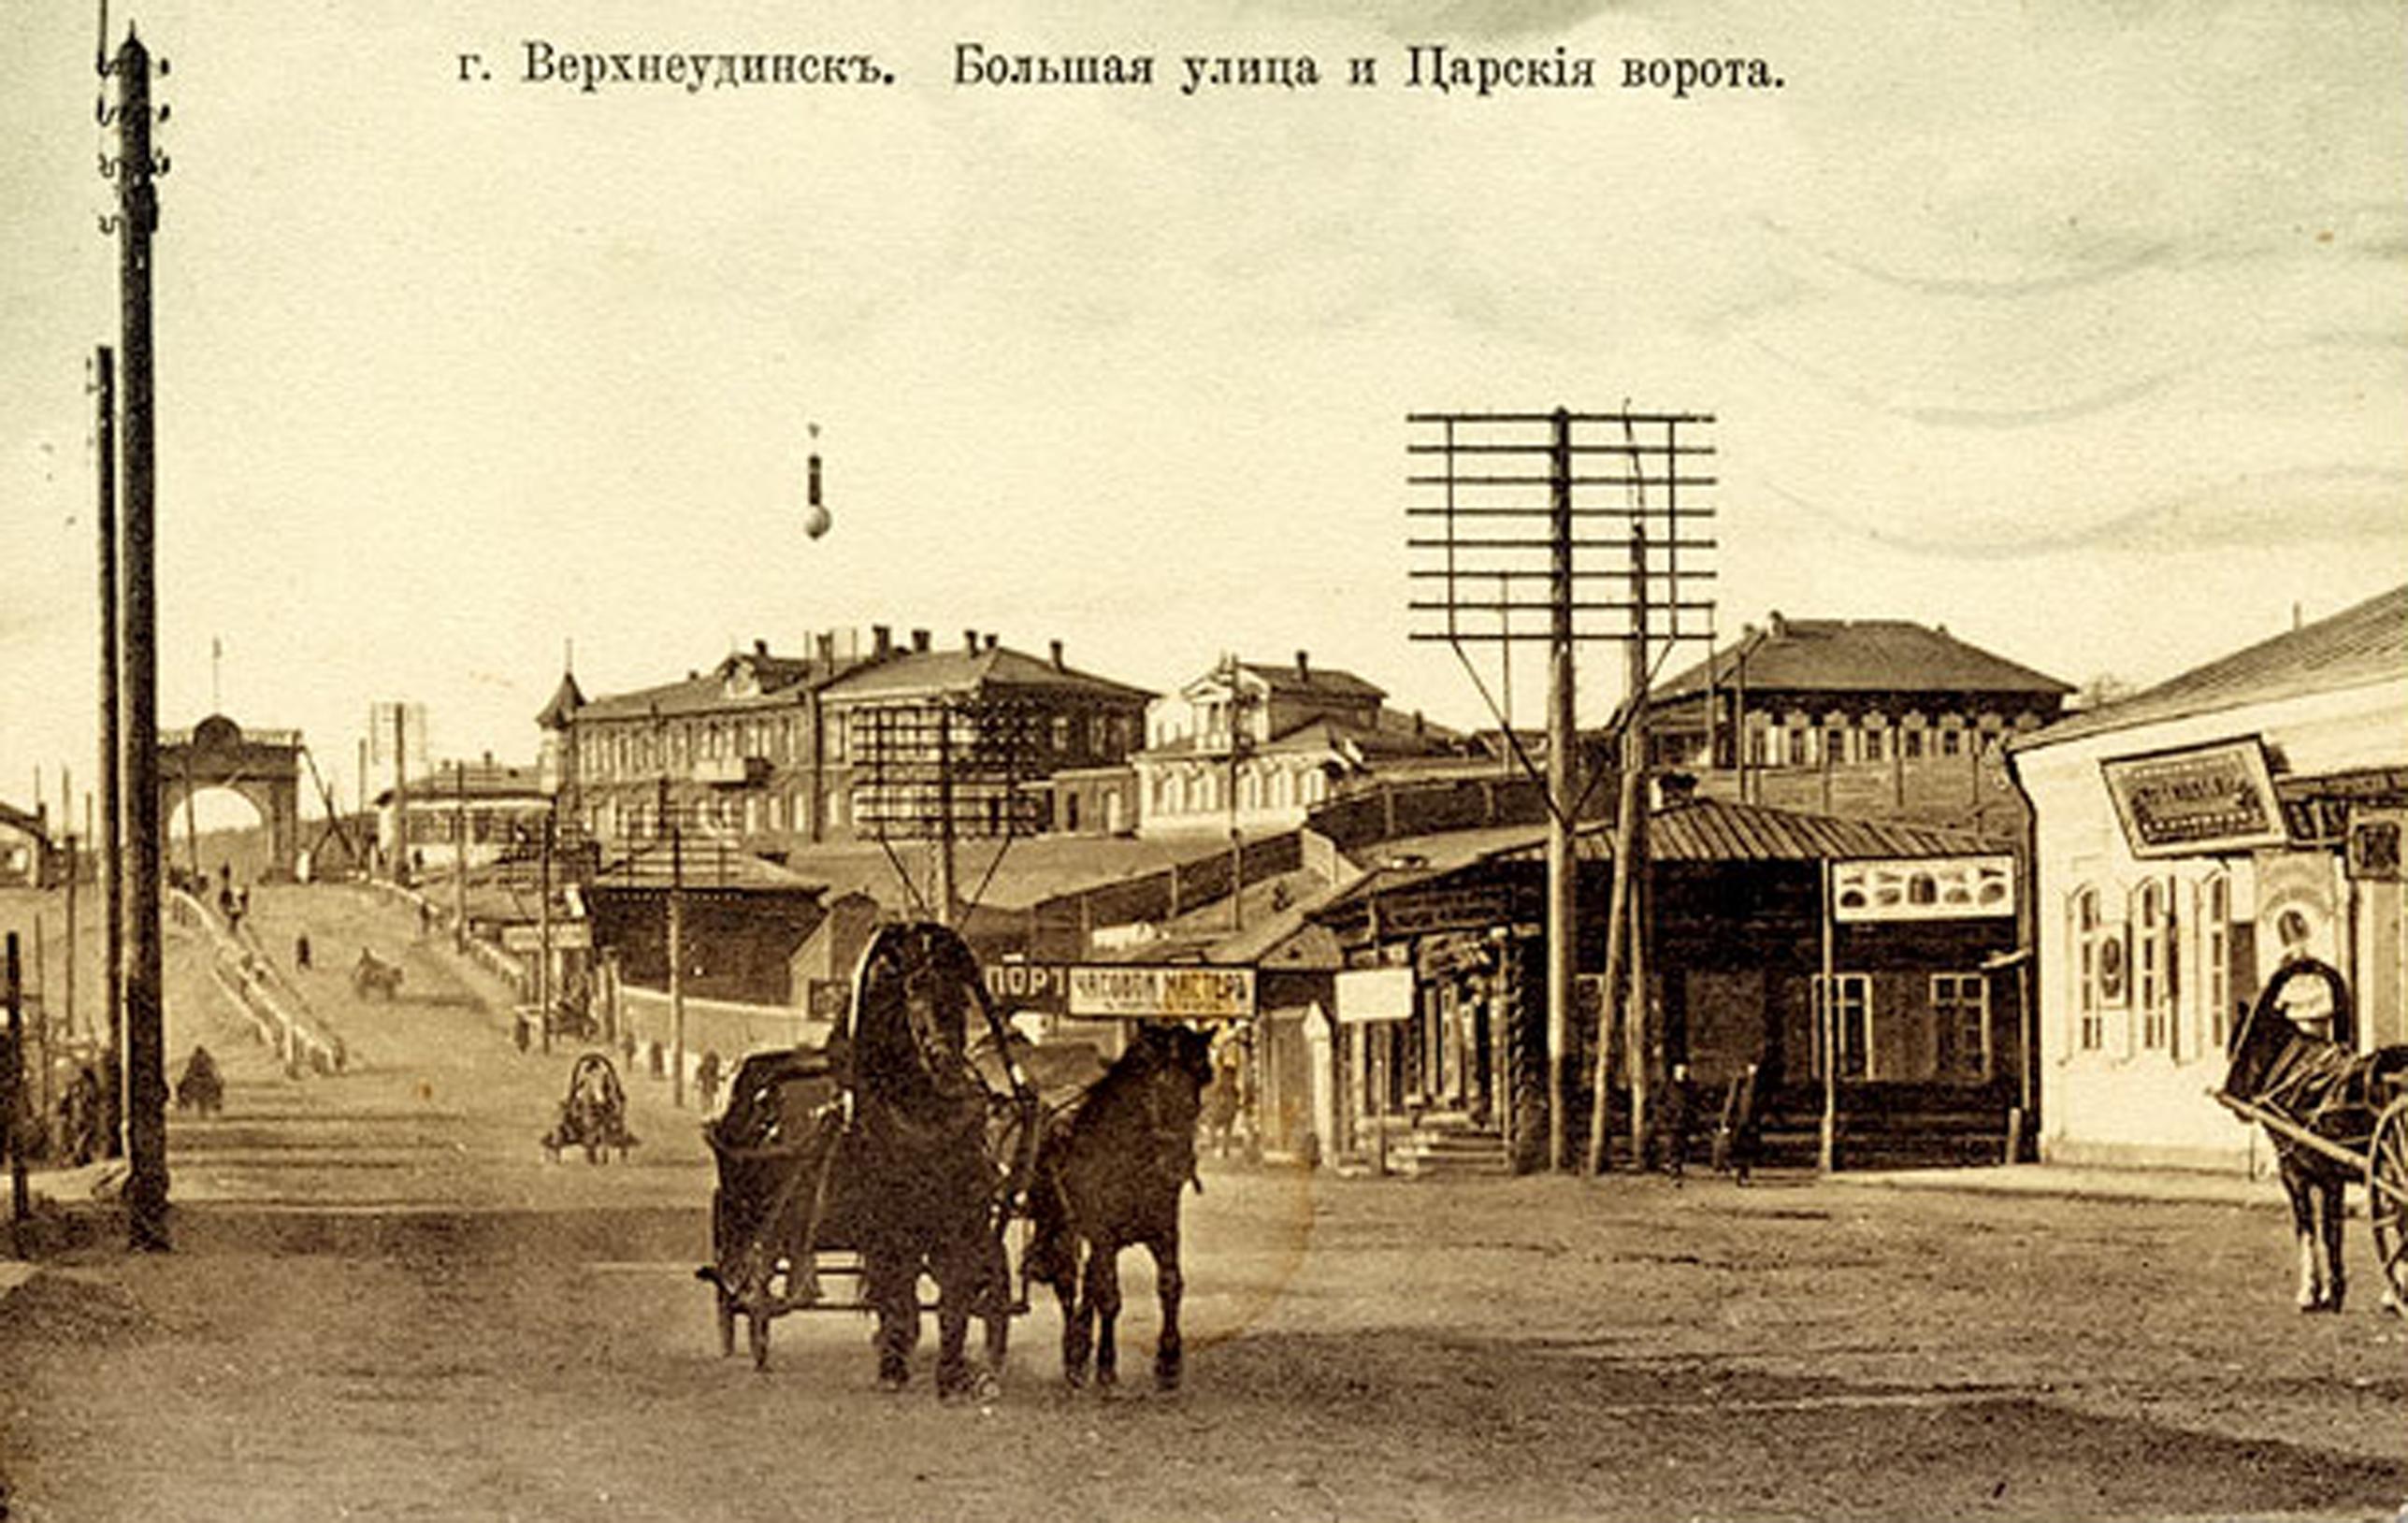 Город Верхнеудинск. Большая улица и Царские ворота. Открытка начала XX века